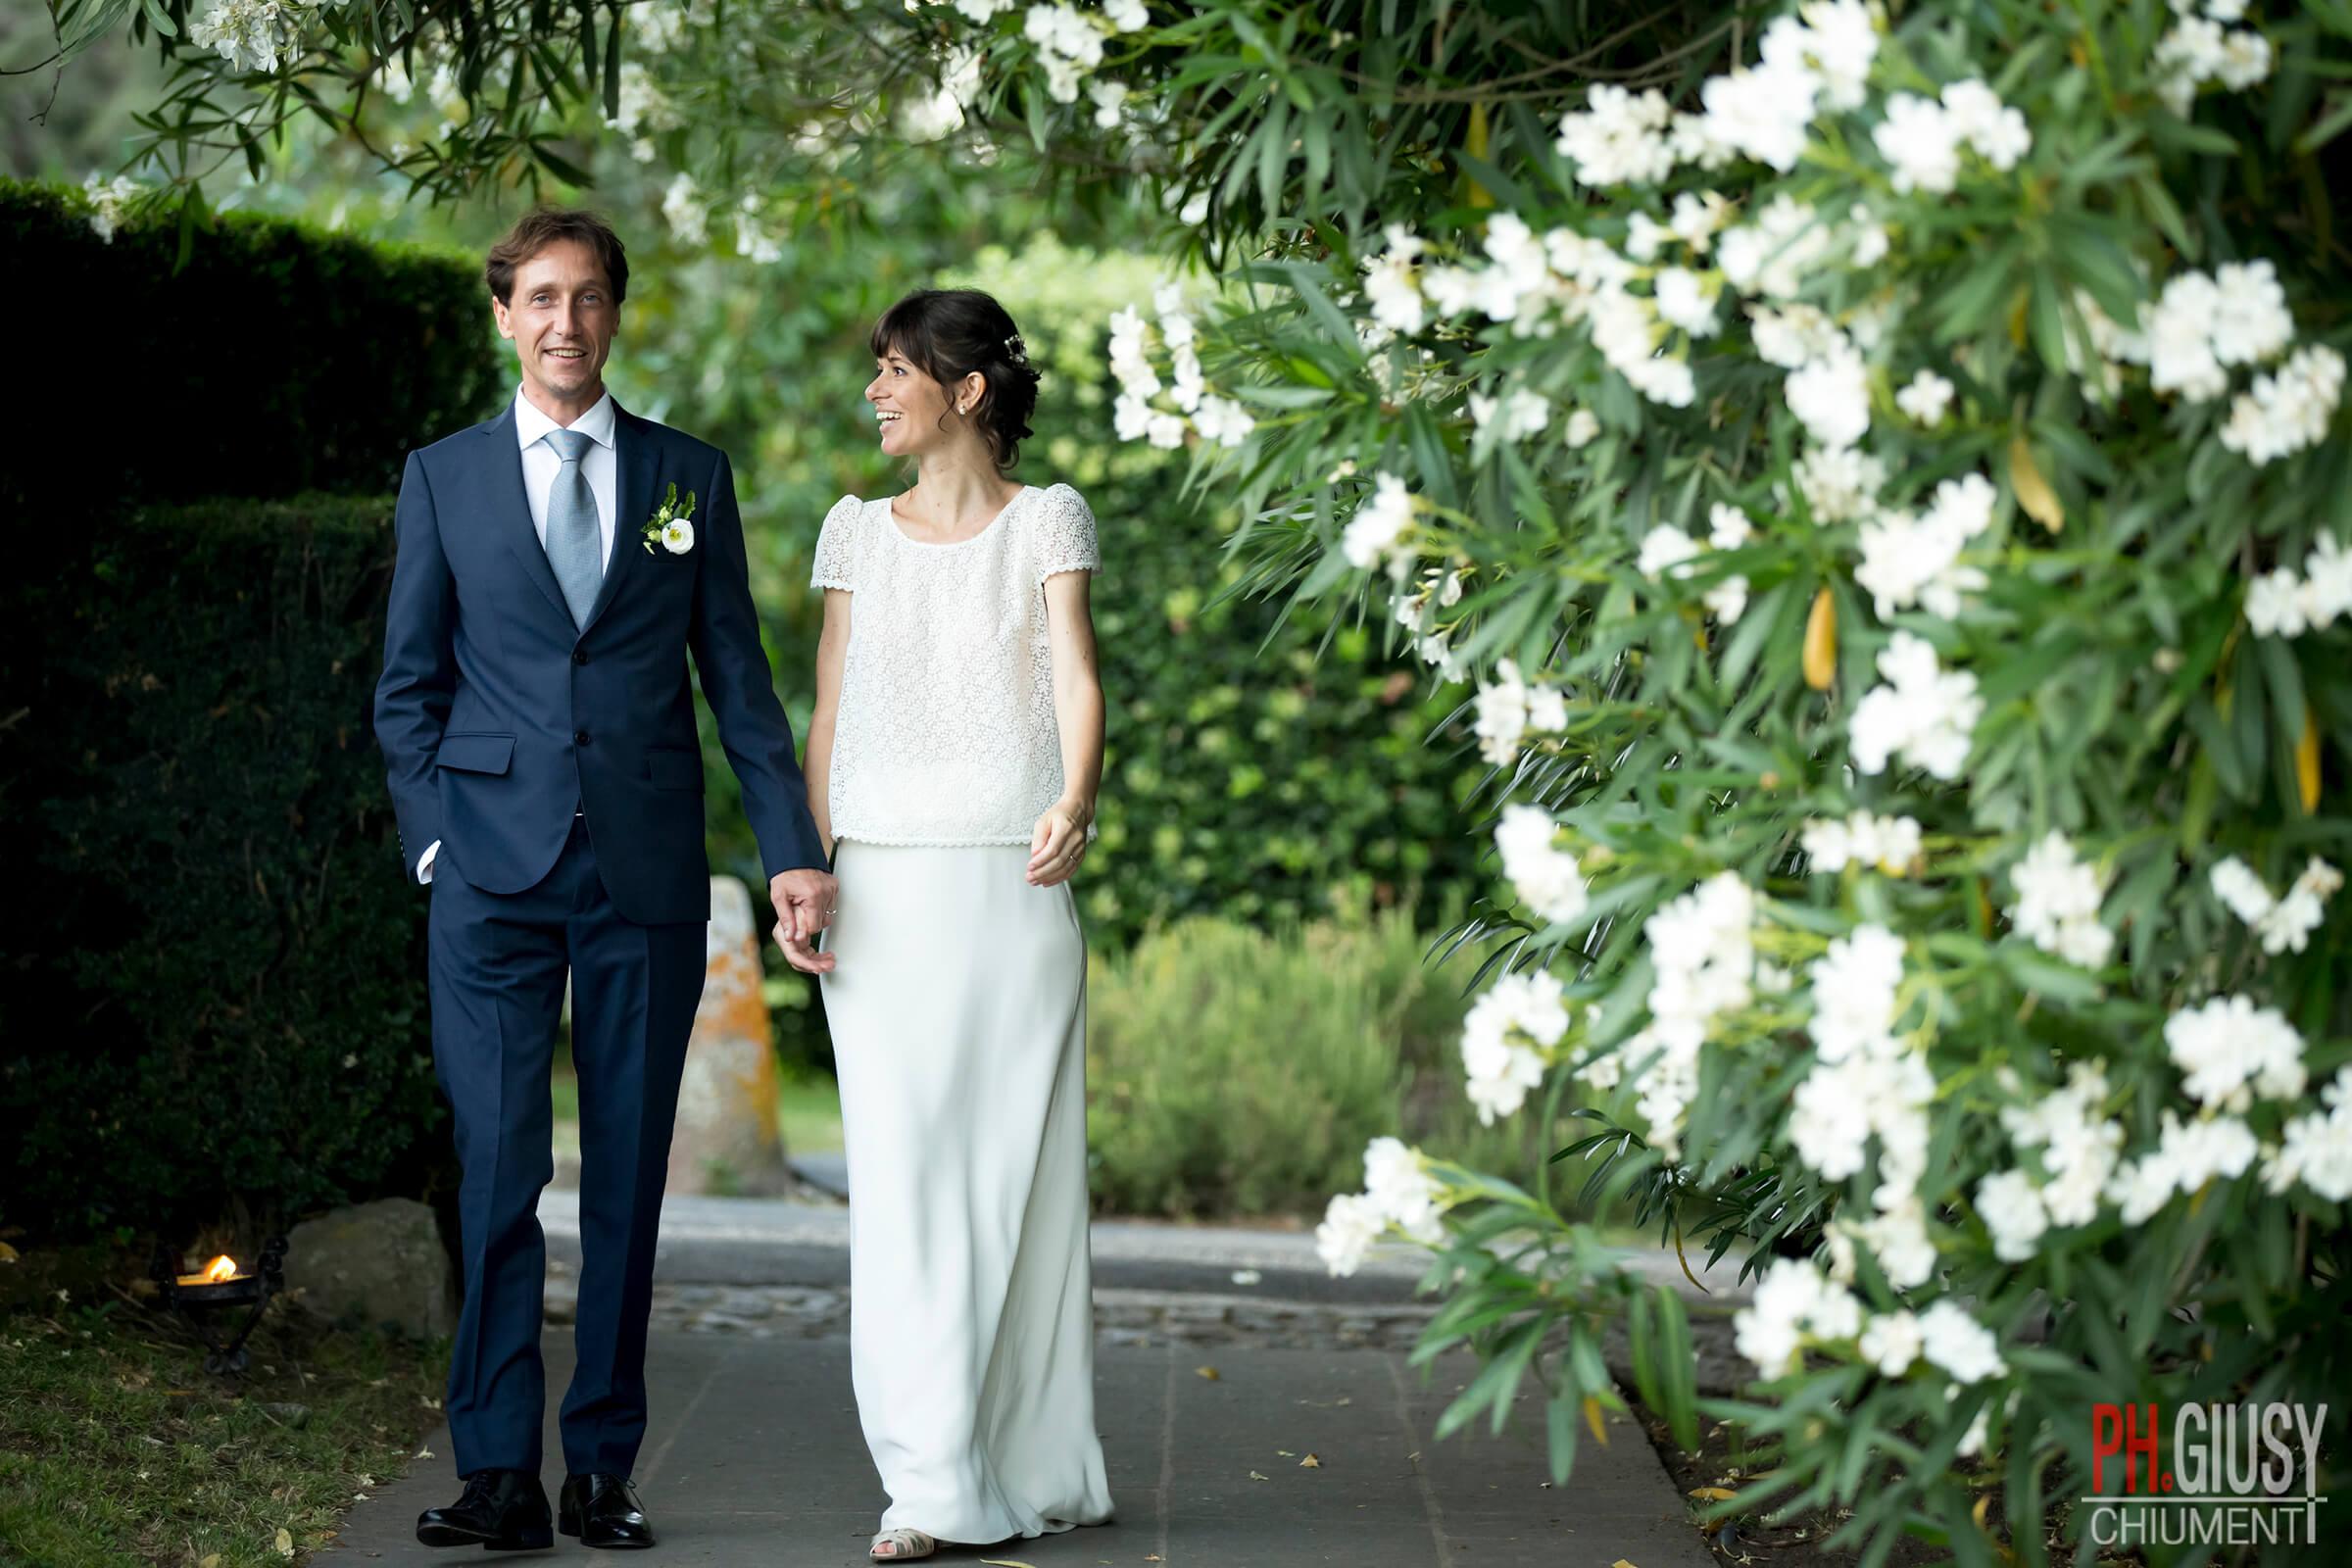 Matrimoni Giusy Chiumenti 16